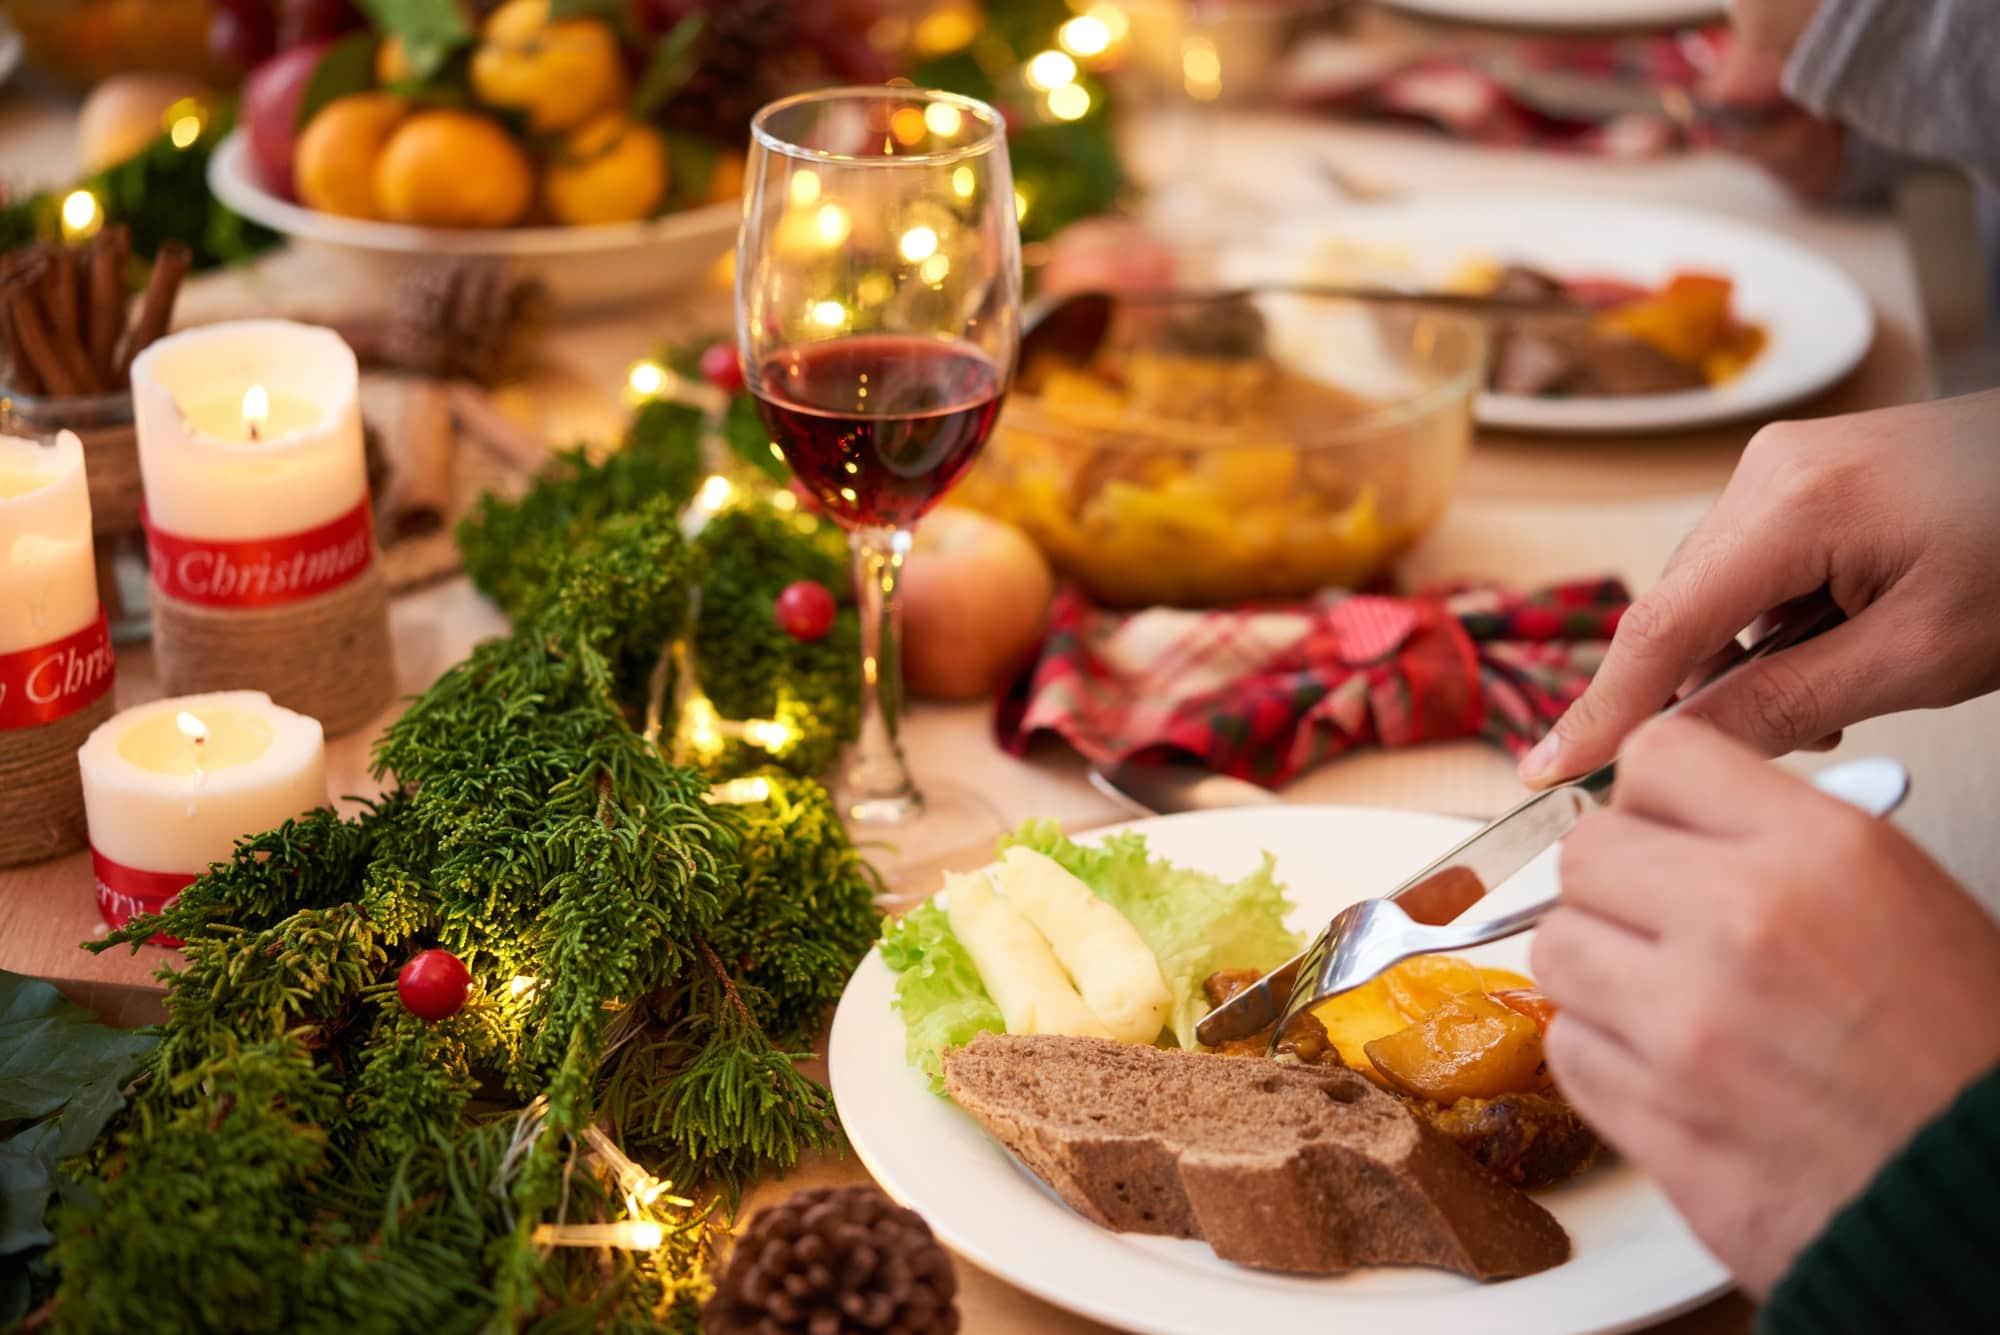 Enjoying Christmas food